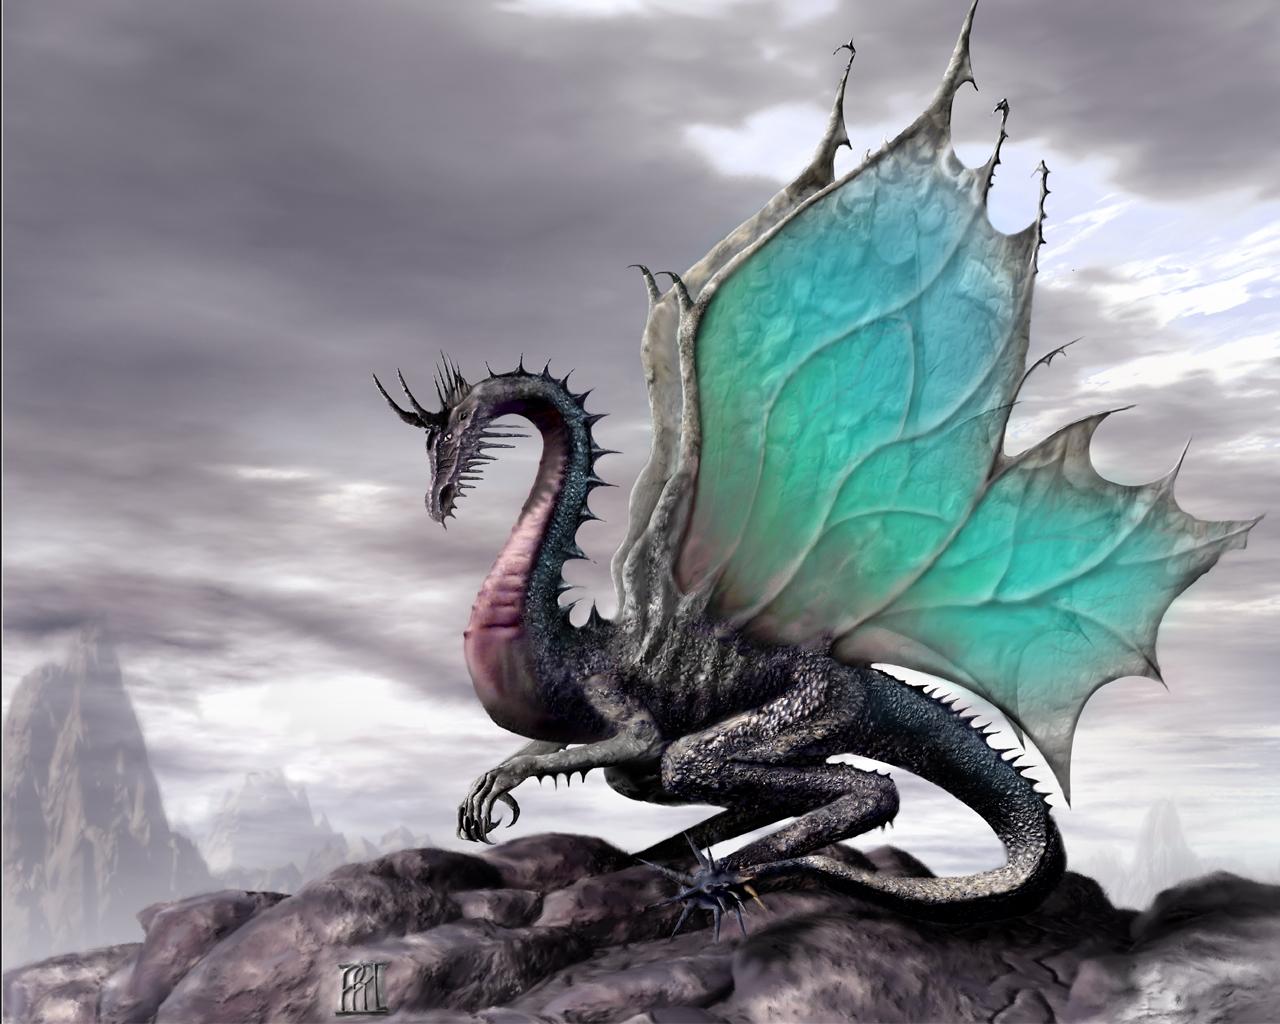 Dessins en couleurs imprimer dragon num ro 692317 - Imprimer dragon ...